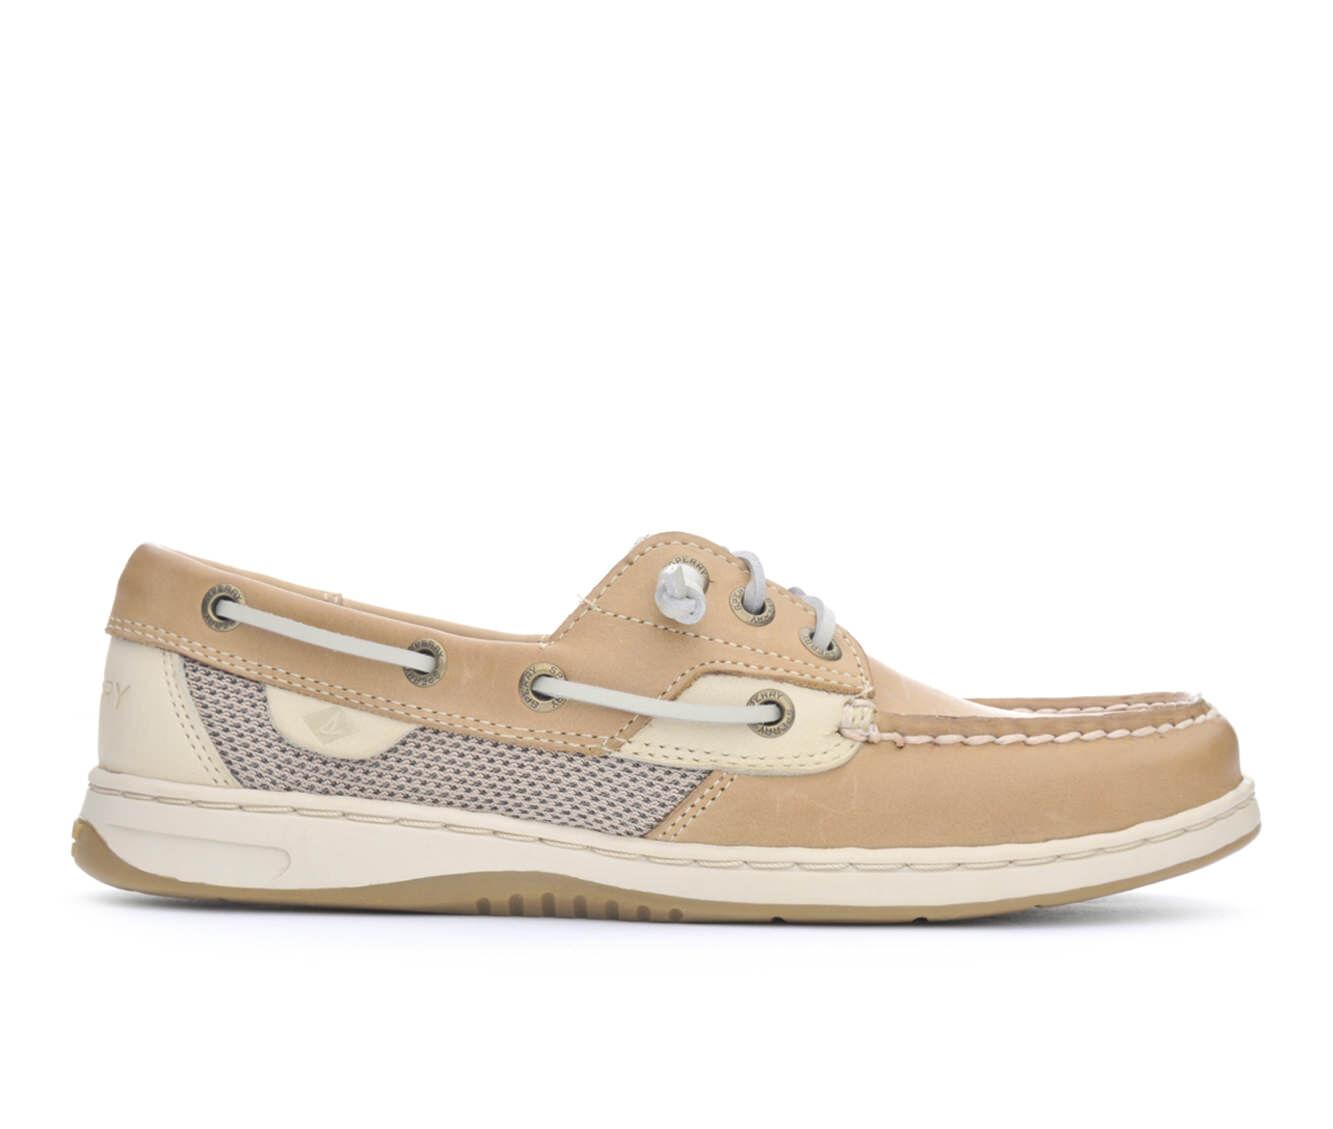 Women's Sperry Rosefish Boat Shoes Linen/Oat